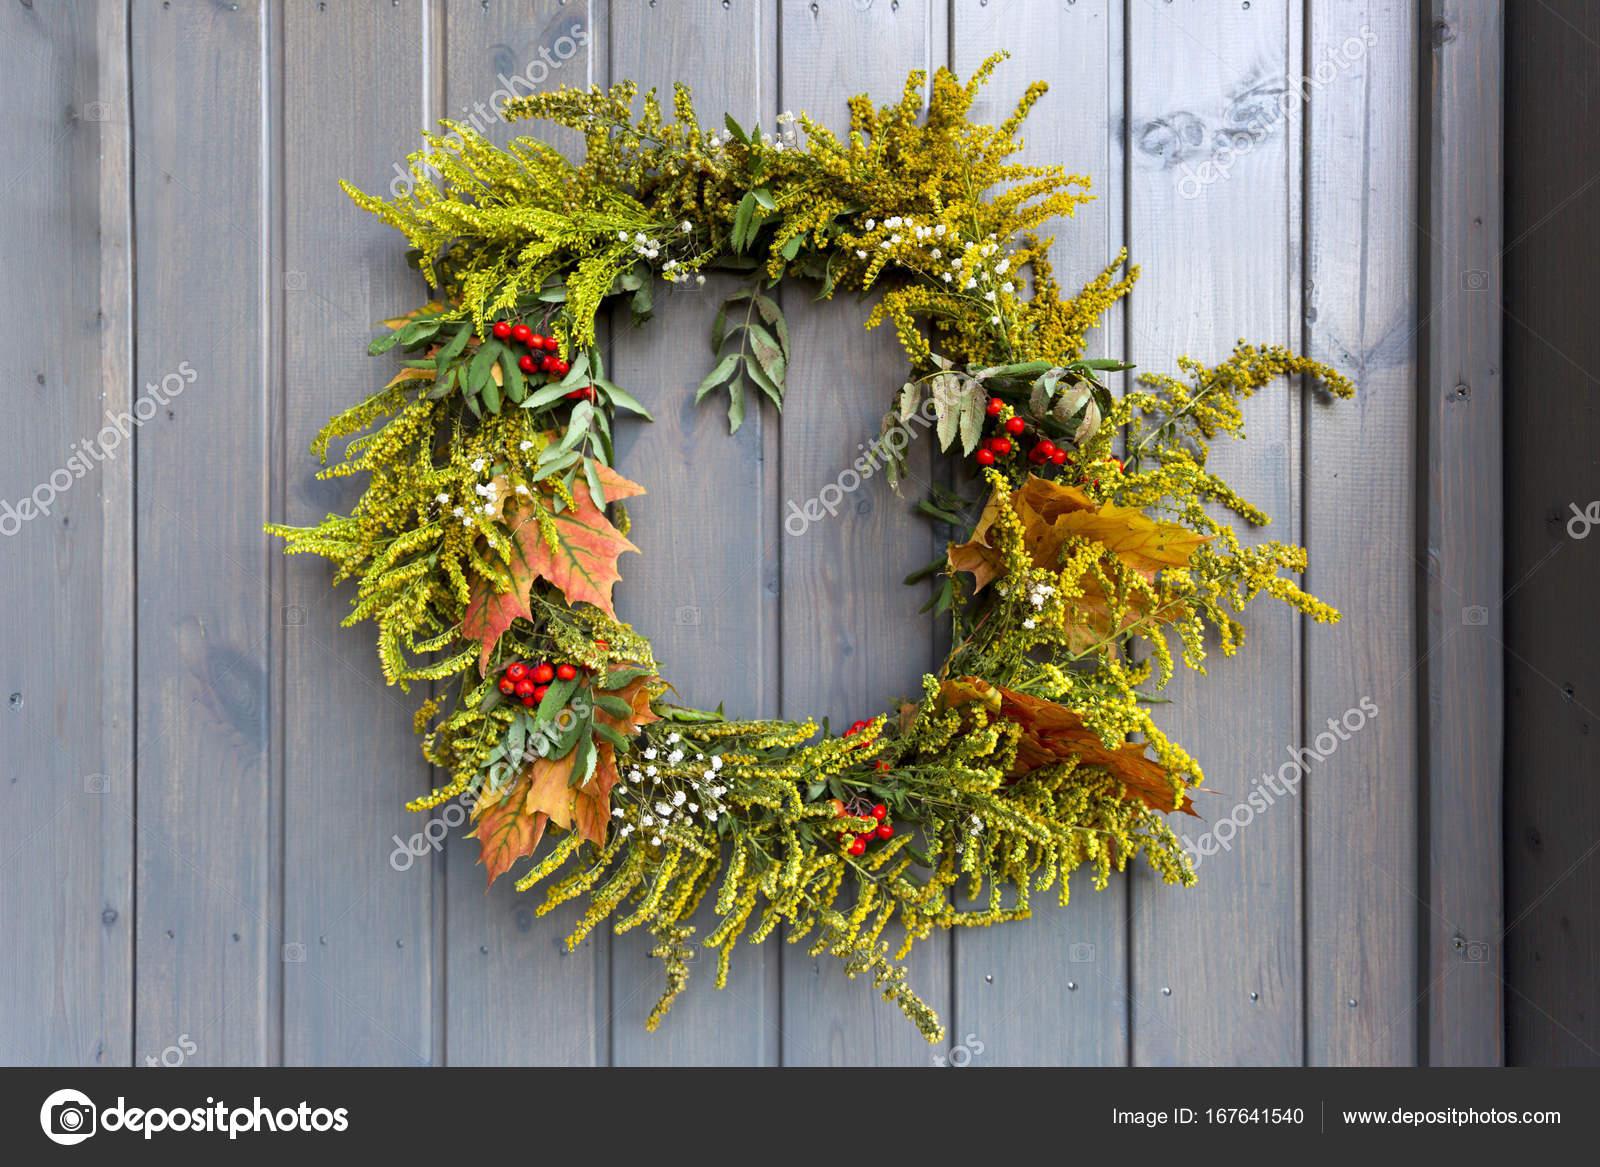 Herbst Kranz Dekorieren Haustur Stockfoto C Artursfoto1 167641540